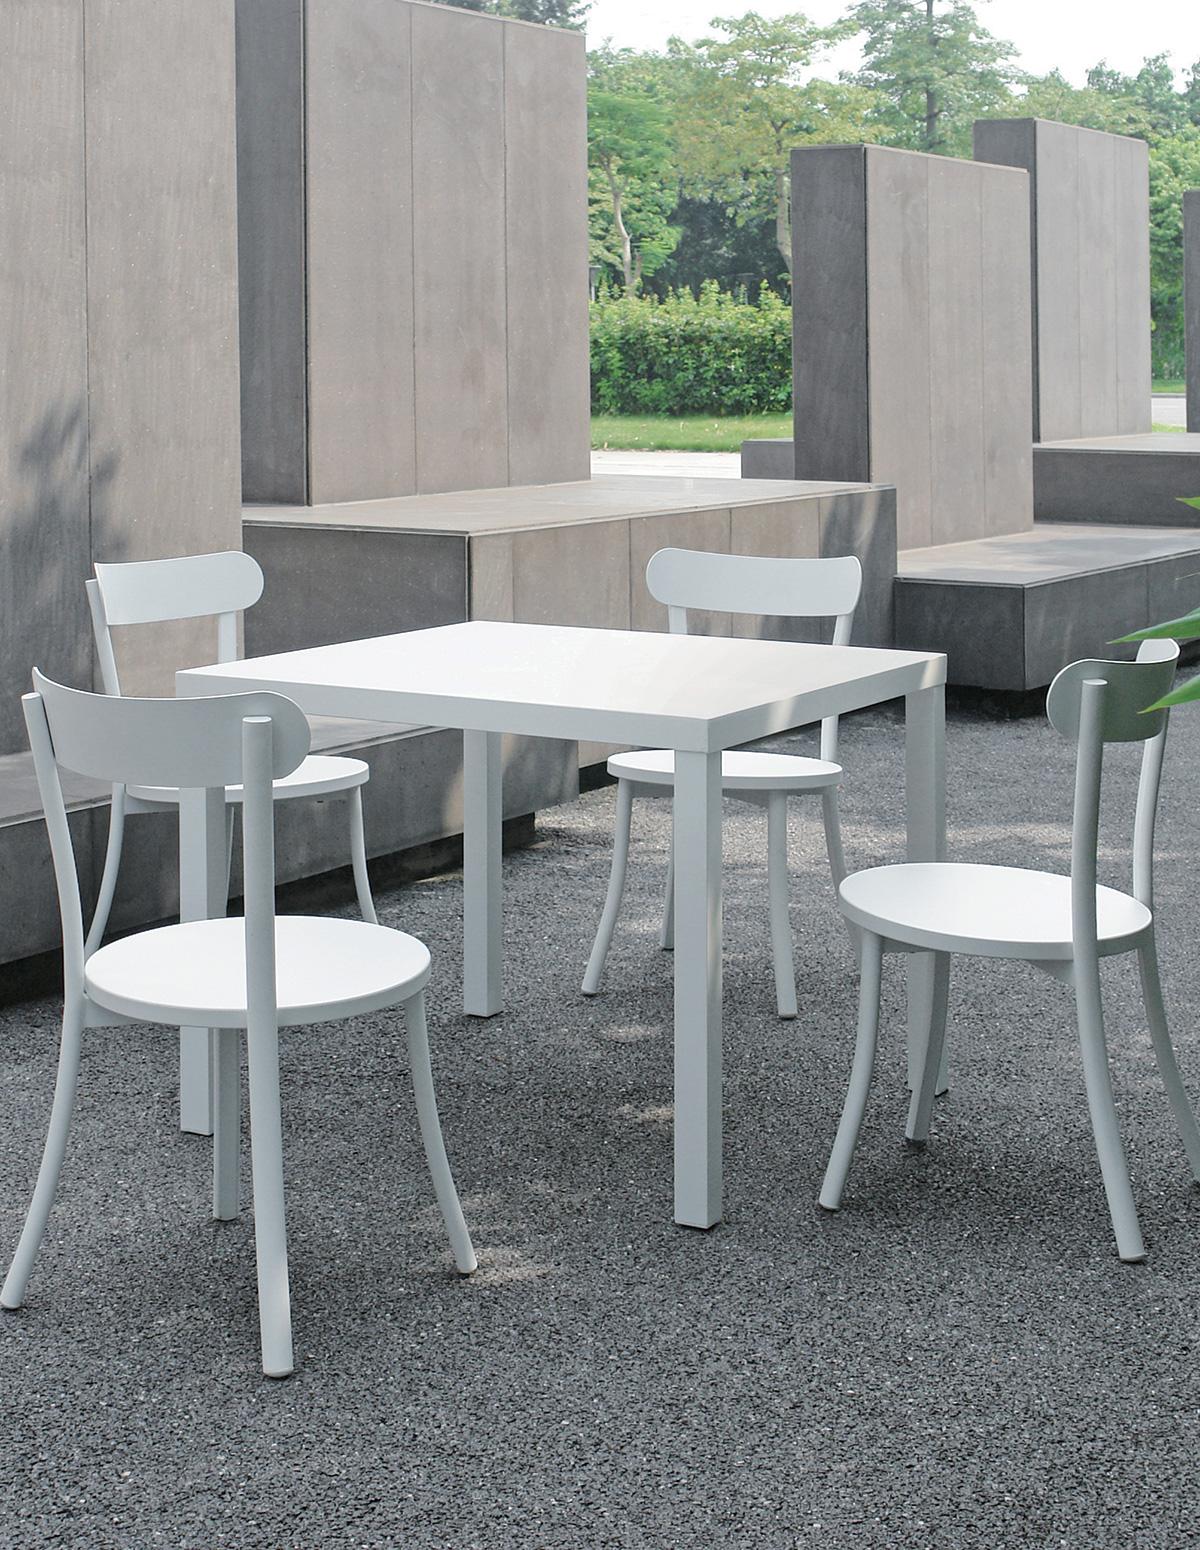 Chaise Marbella Mobilier De Jardin Meuble Design Int Rieur Ext Rieur